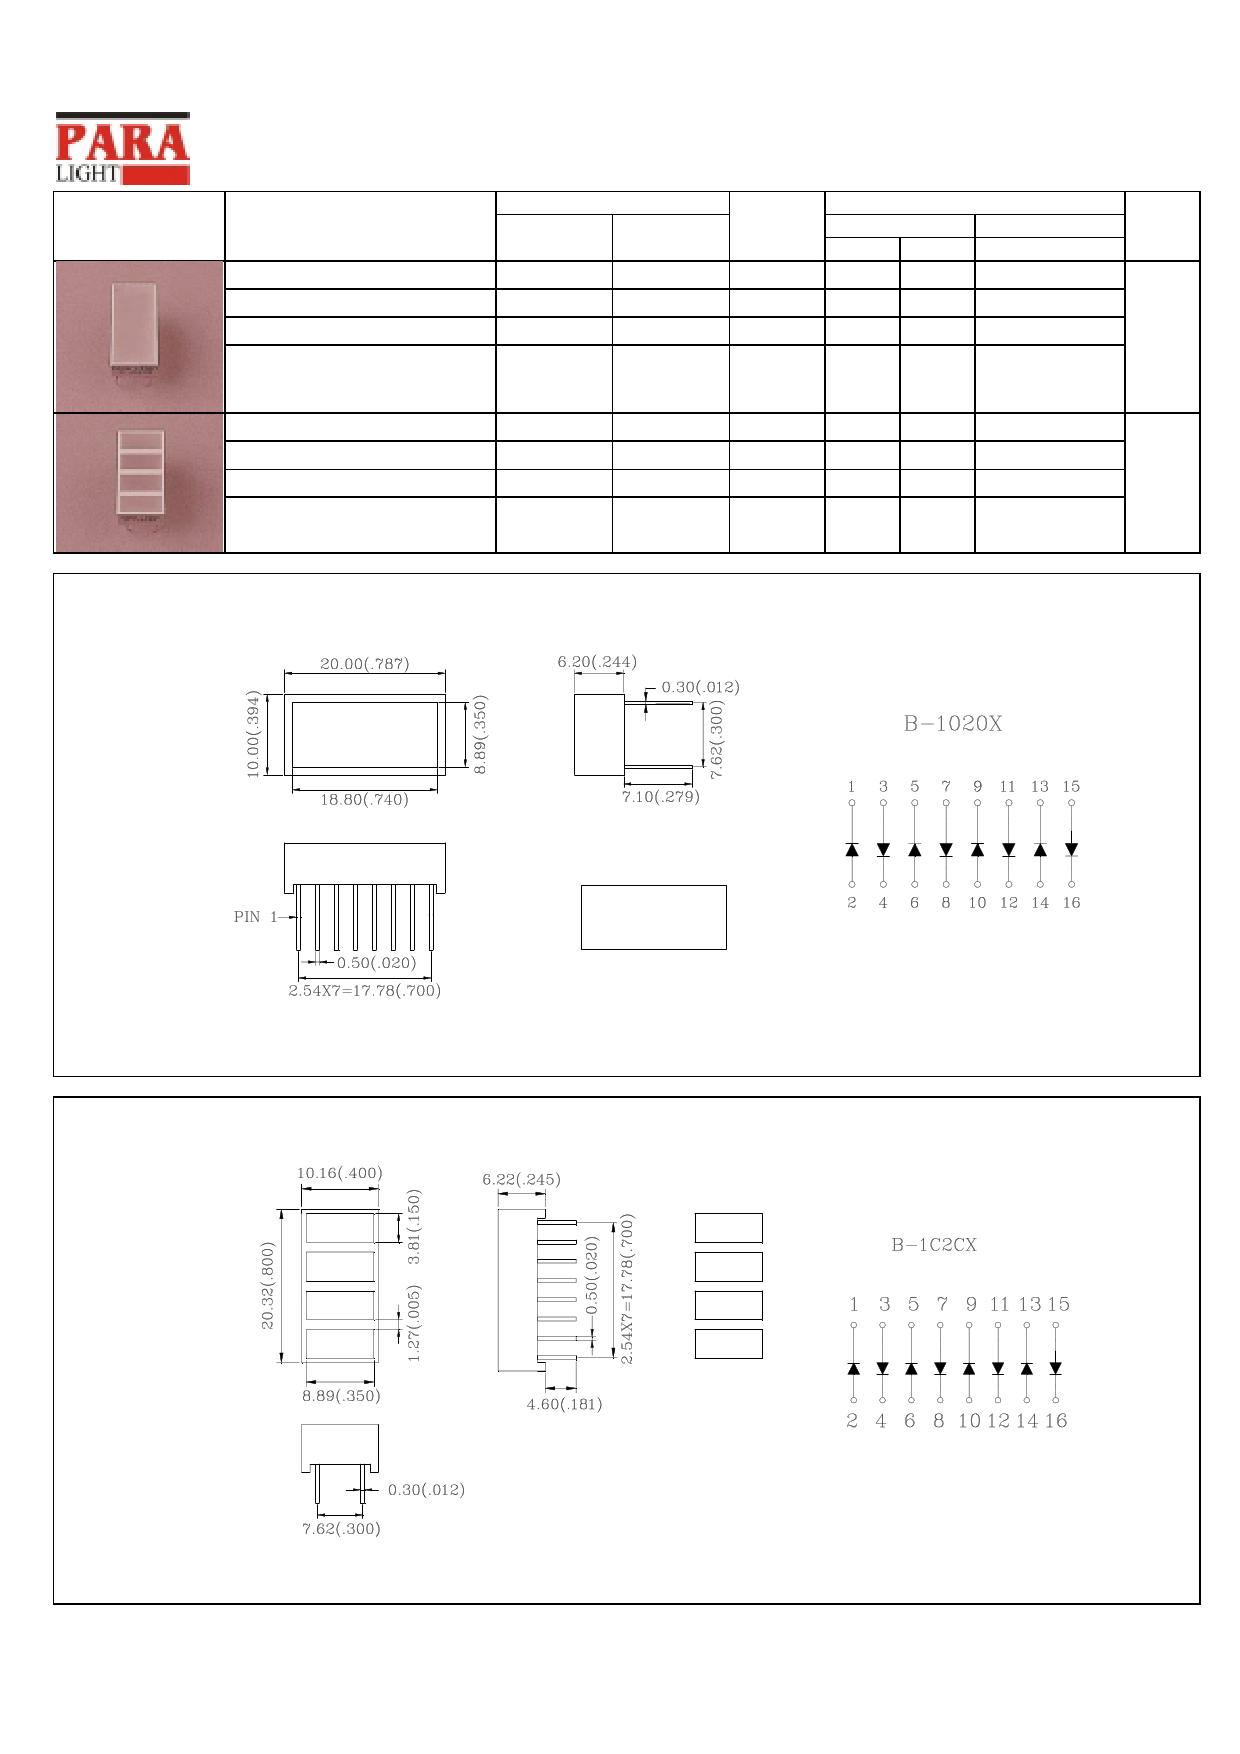 B-1C2CSR Hoja de datos, Descripción, Manual